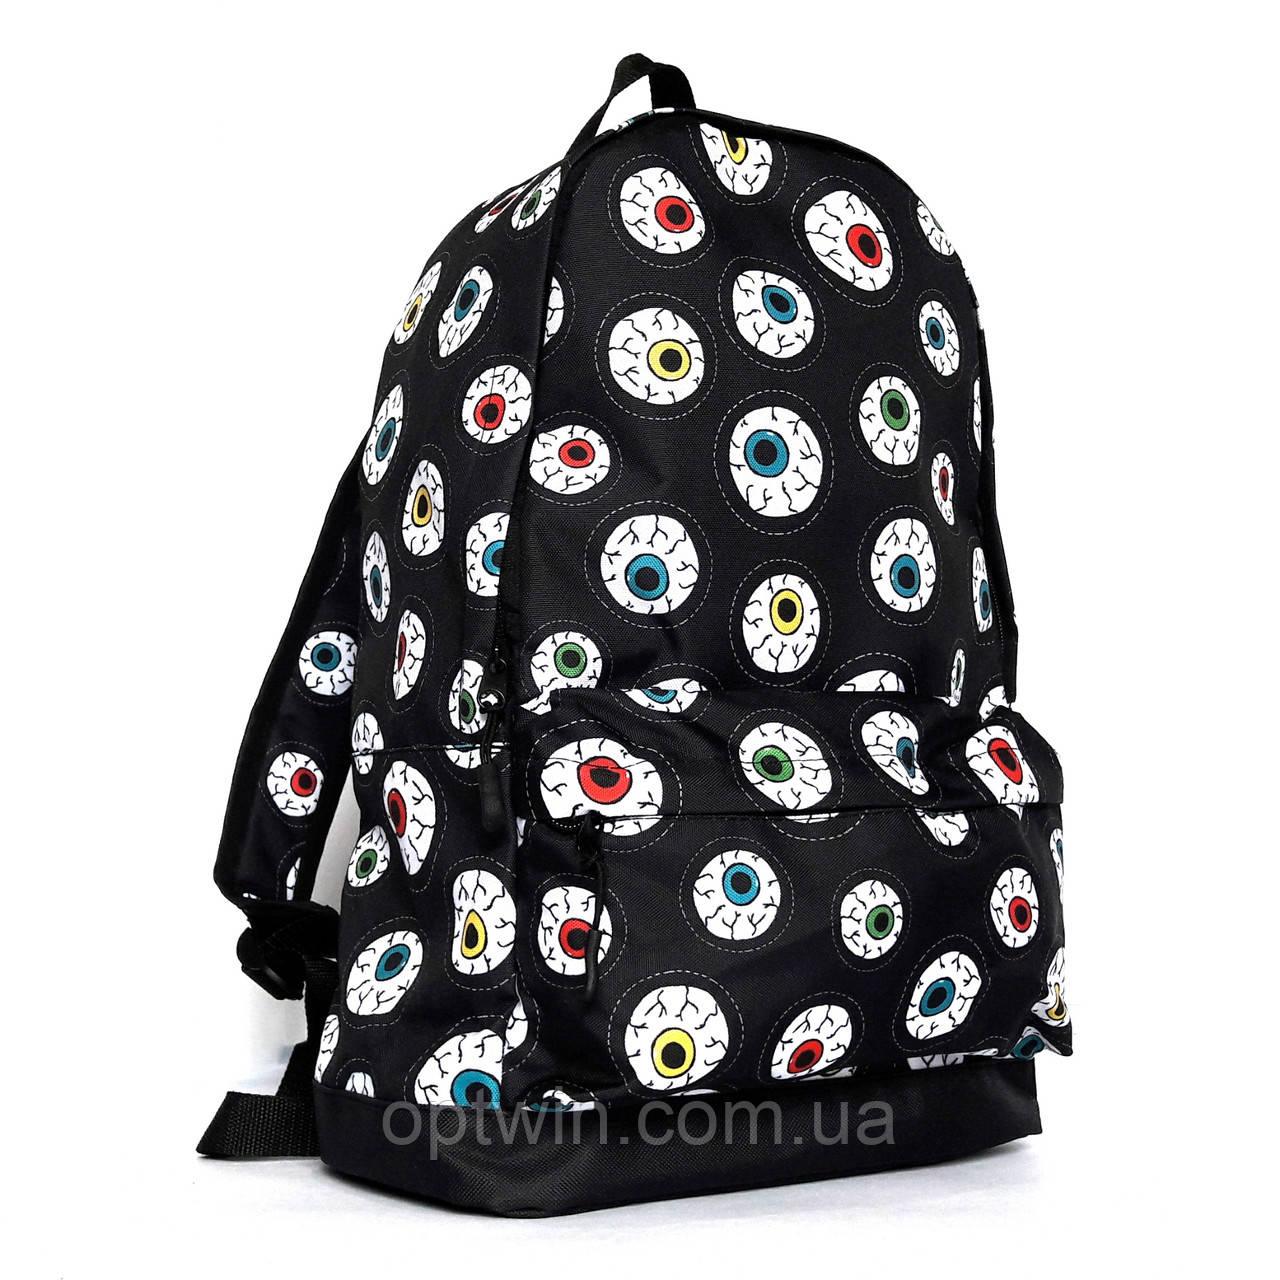 Рюкзак городской молодёжный с принтом глаз